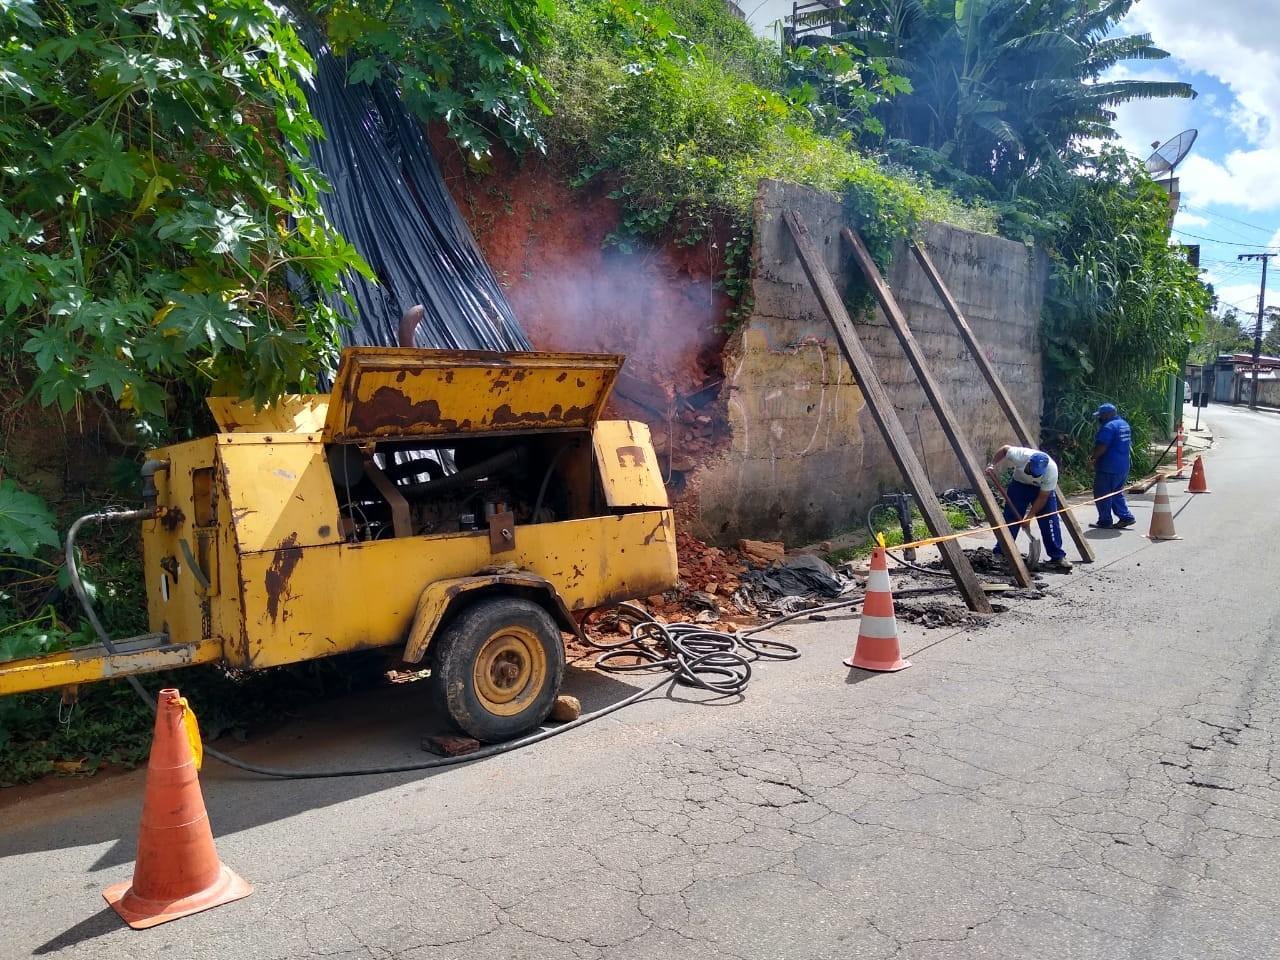 Trânsito é interditado na Estrada da Saudade para obra de demolição de muro em Petrópolis, no RJ